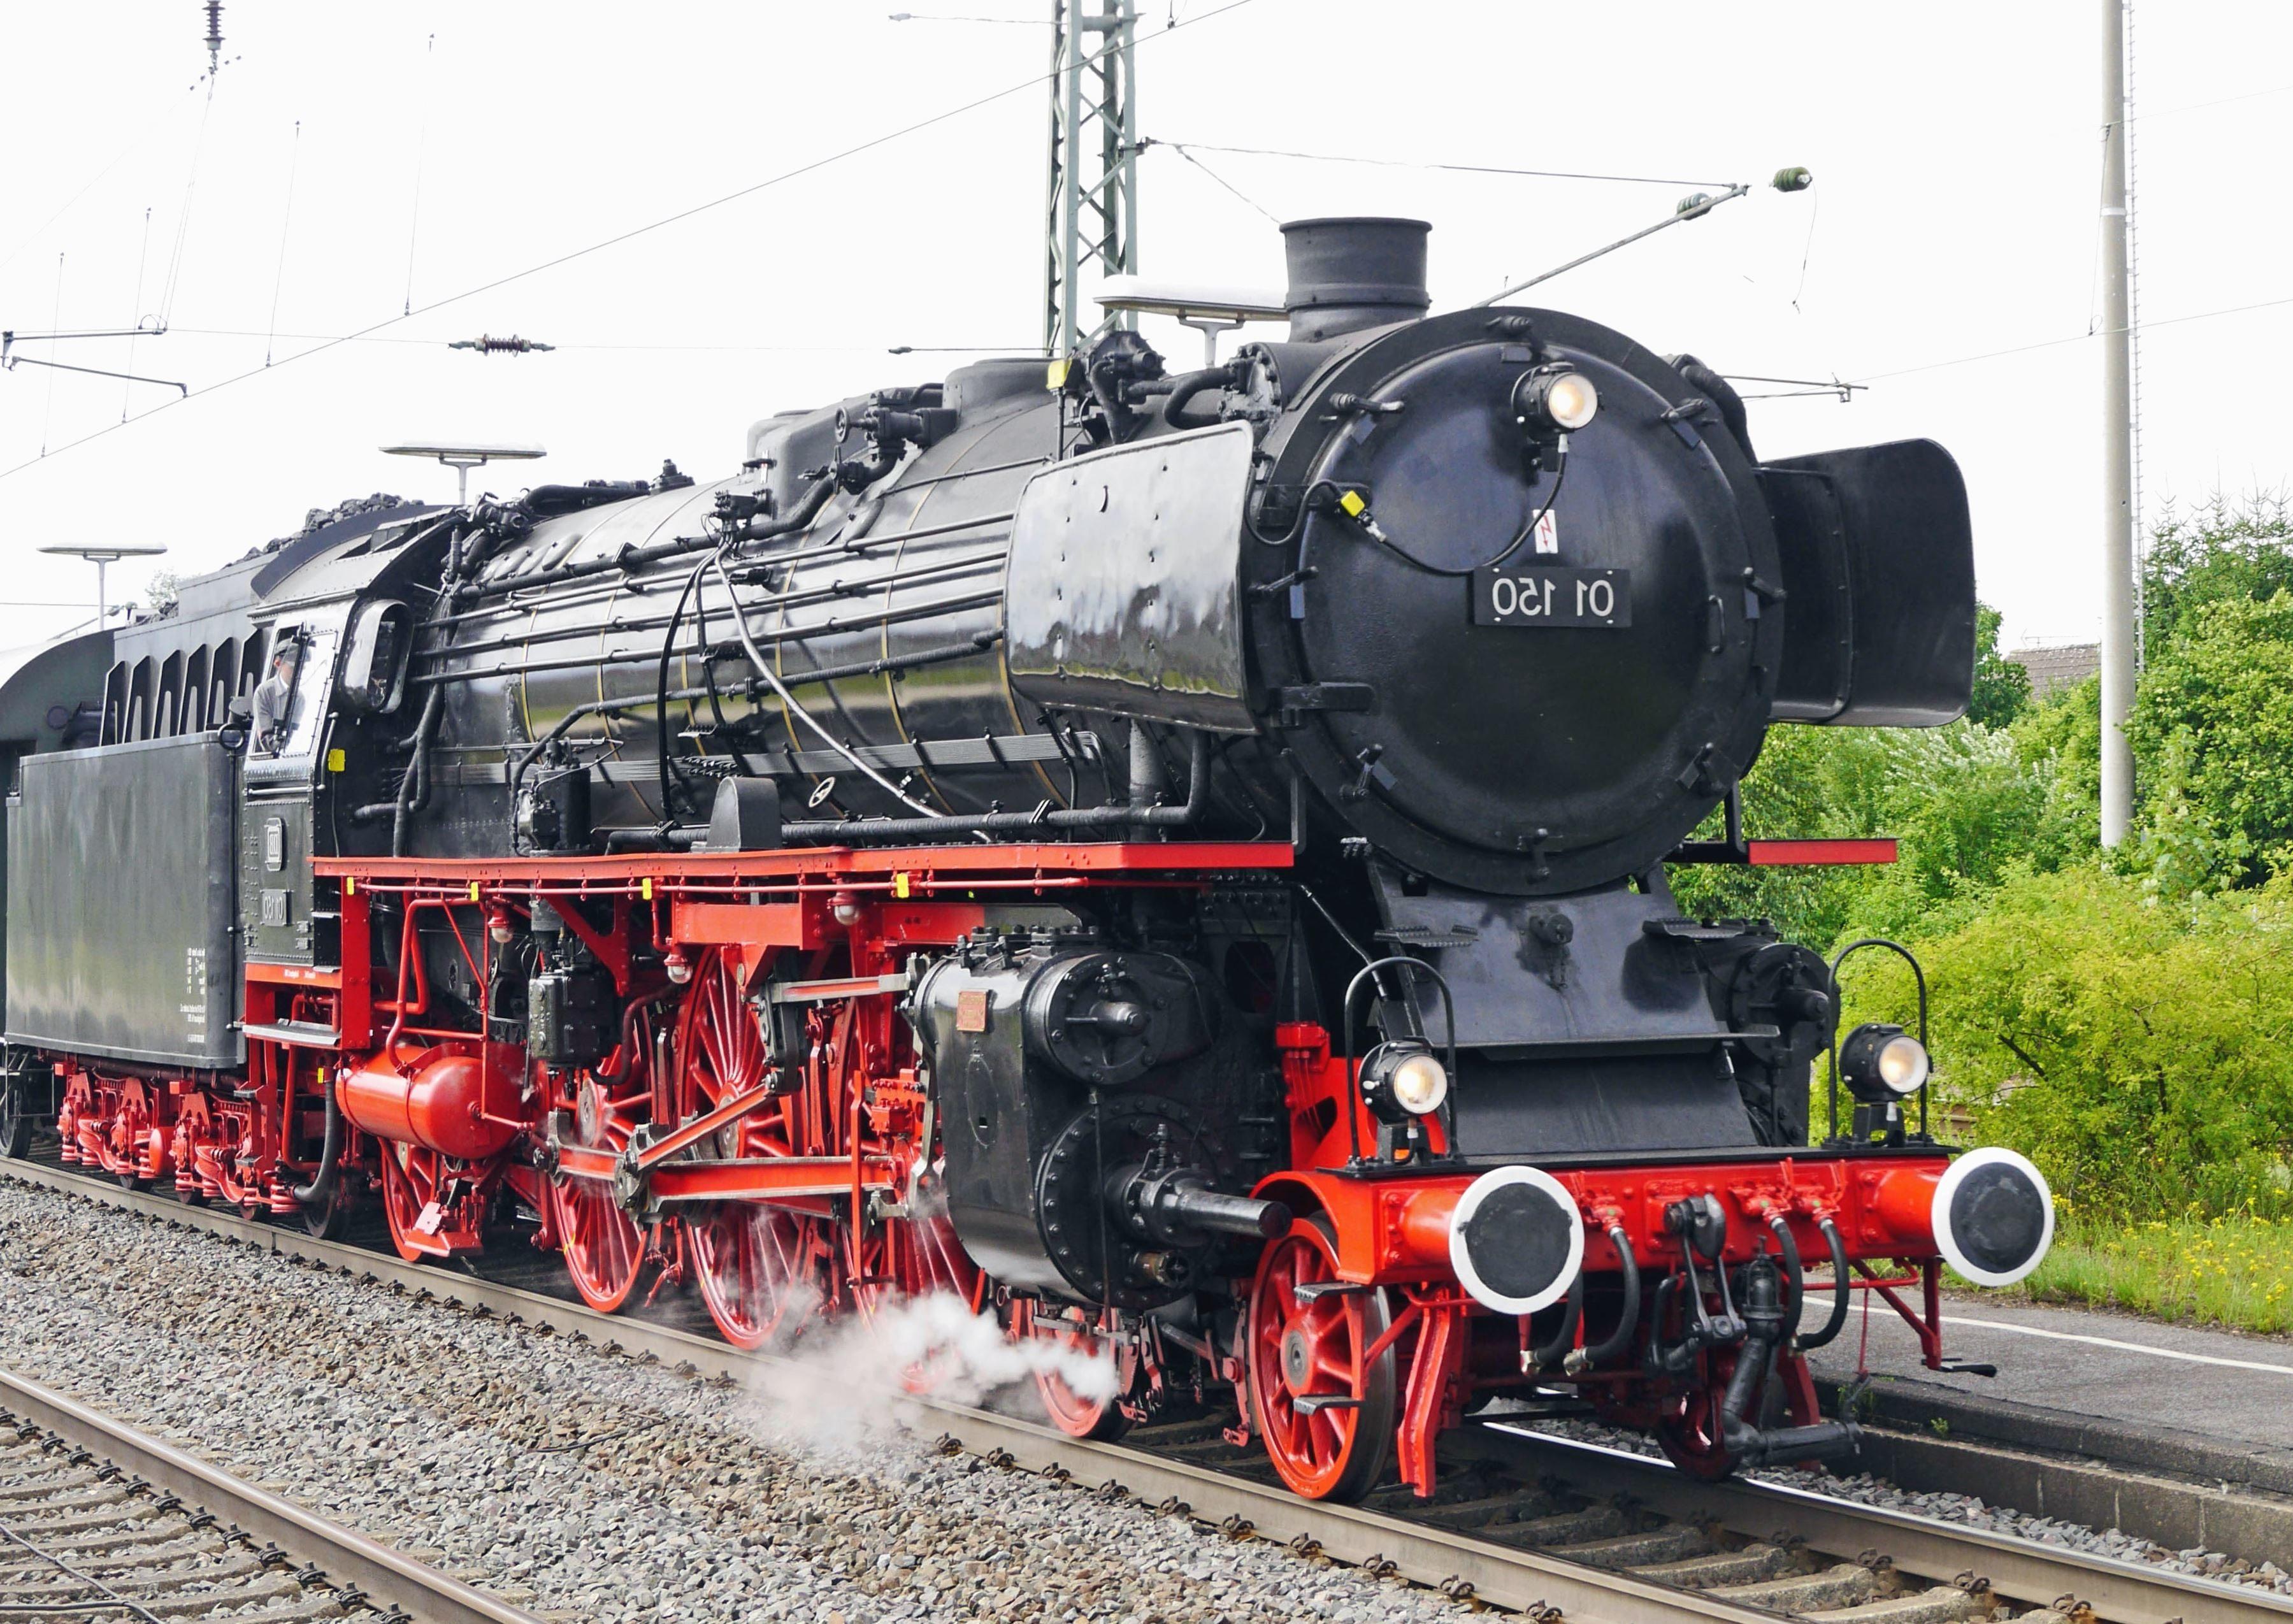 Image libre locomotive vapeur chemin de fer train m tal v hicule moteur - Nettoyeurs de sols et vapeur ...